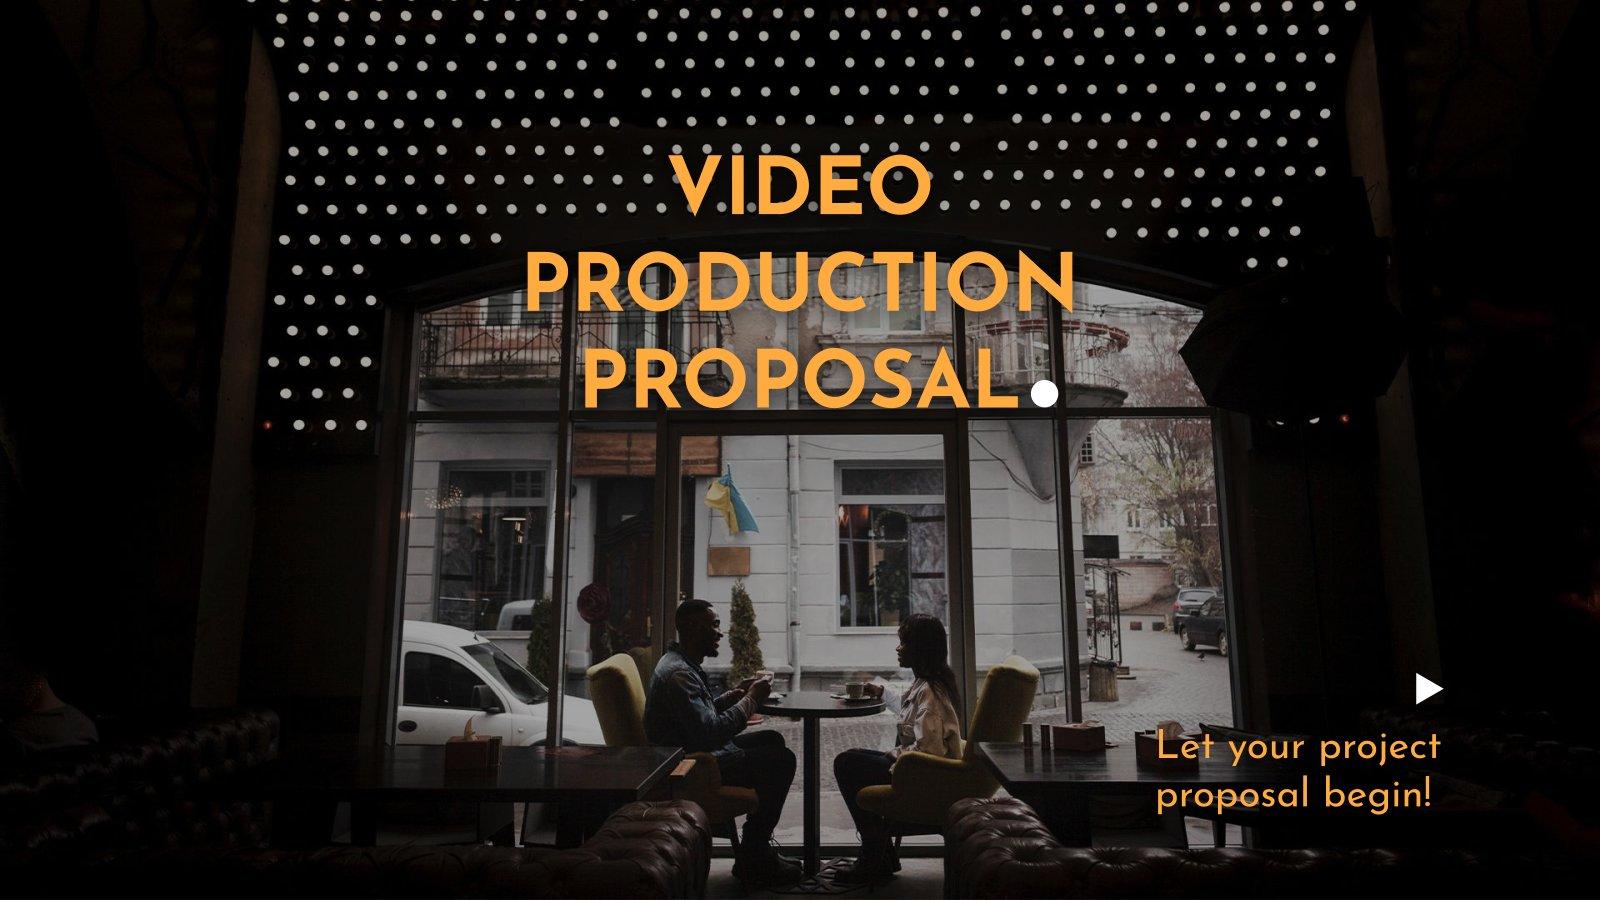 Vorschlag Videoproduktion Präsentationsvorlage